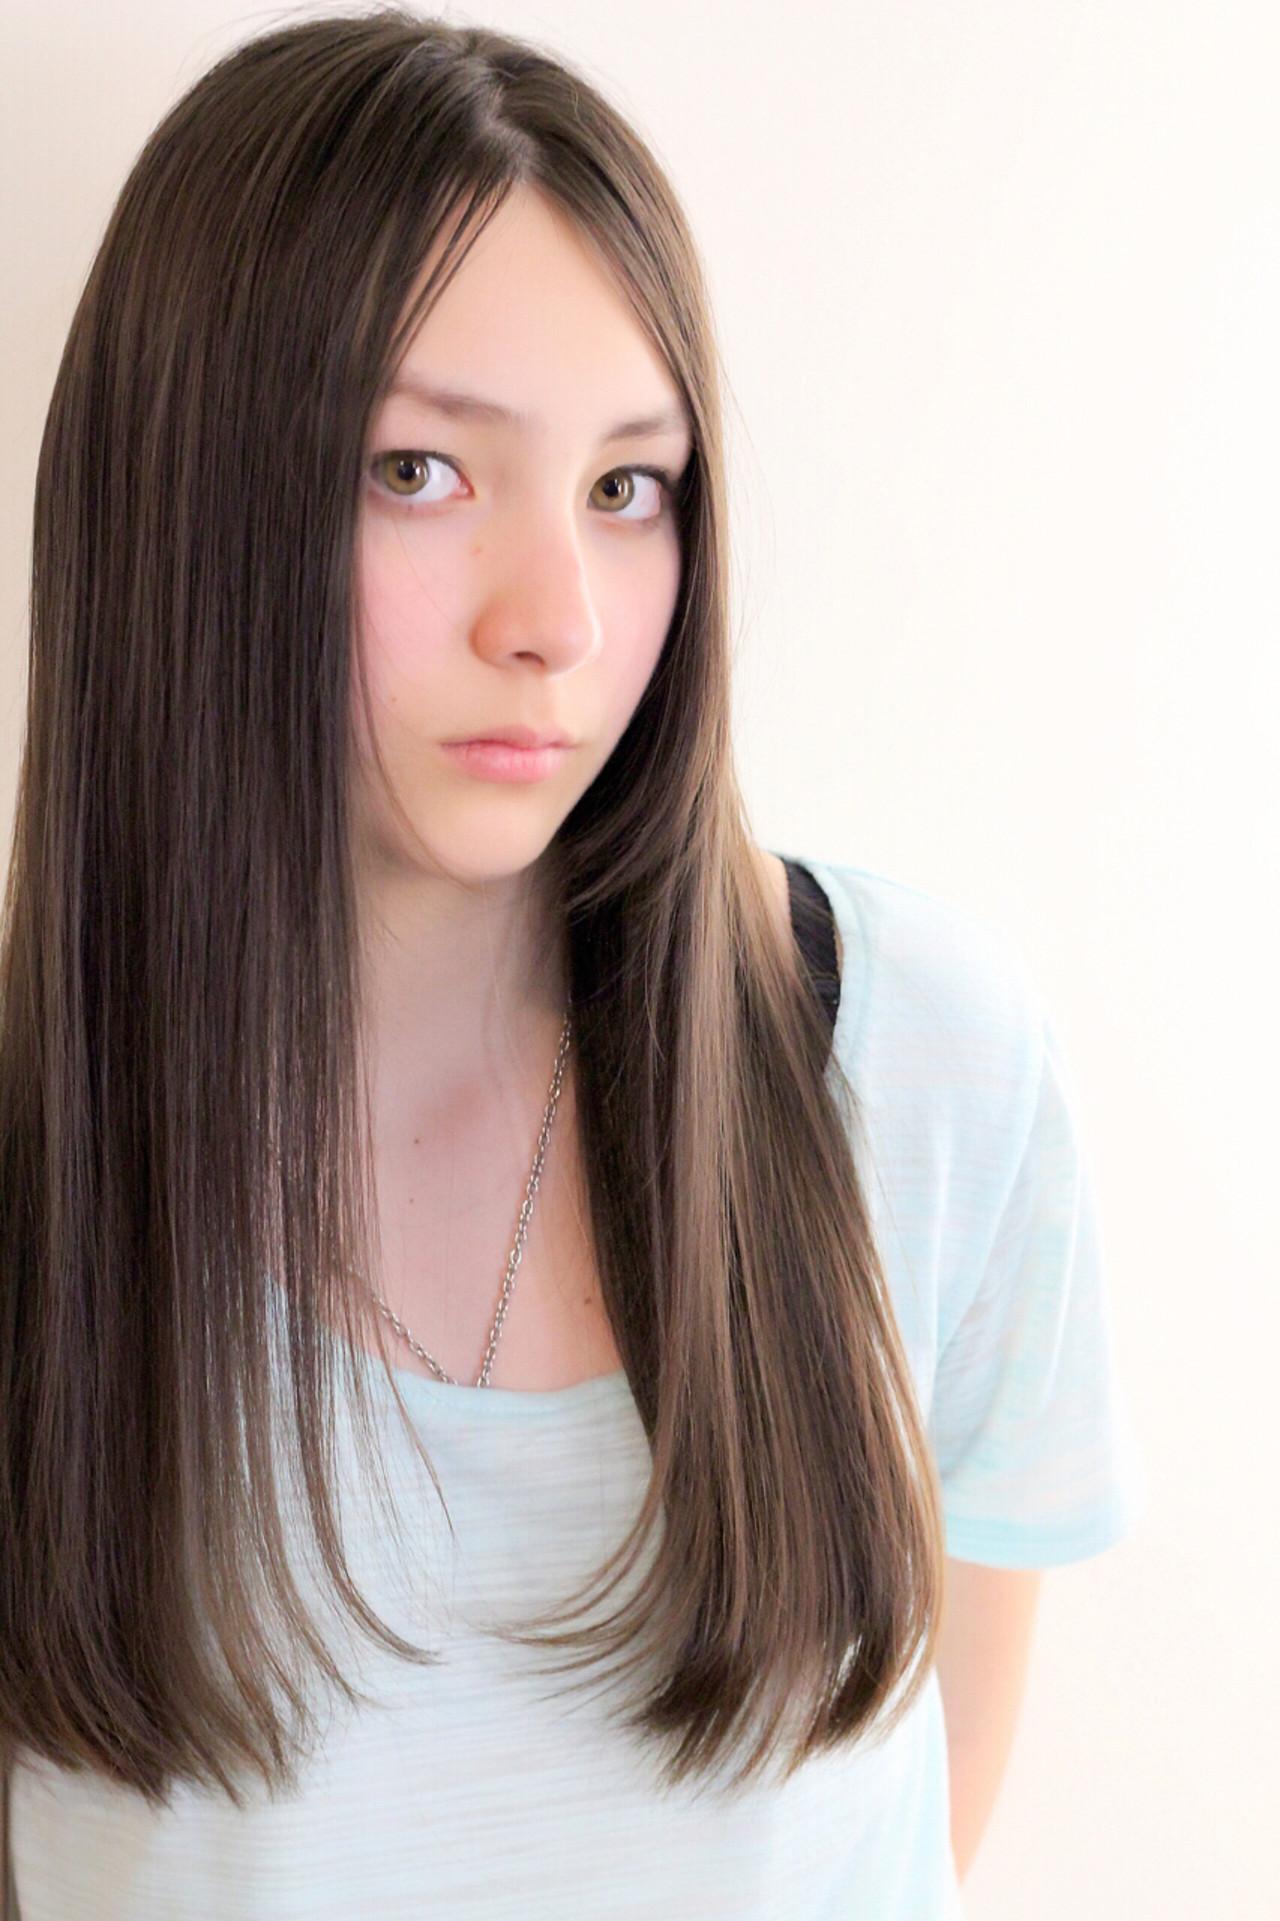 ストレート 縮毛矯正 ナチュラル 艶髪 ヘアスタイルや髪型の写真・画像